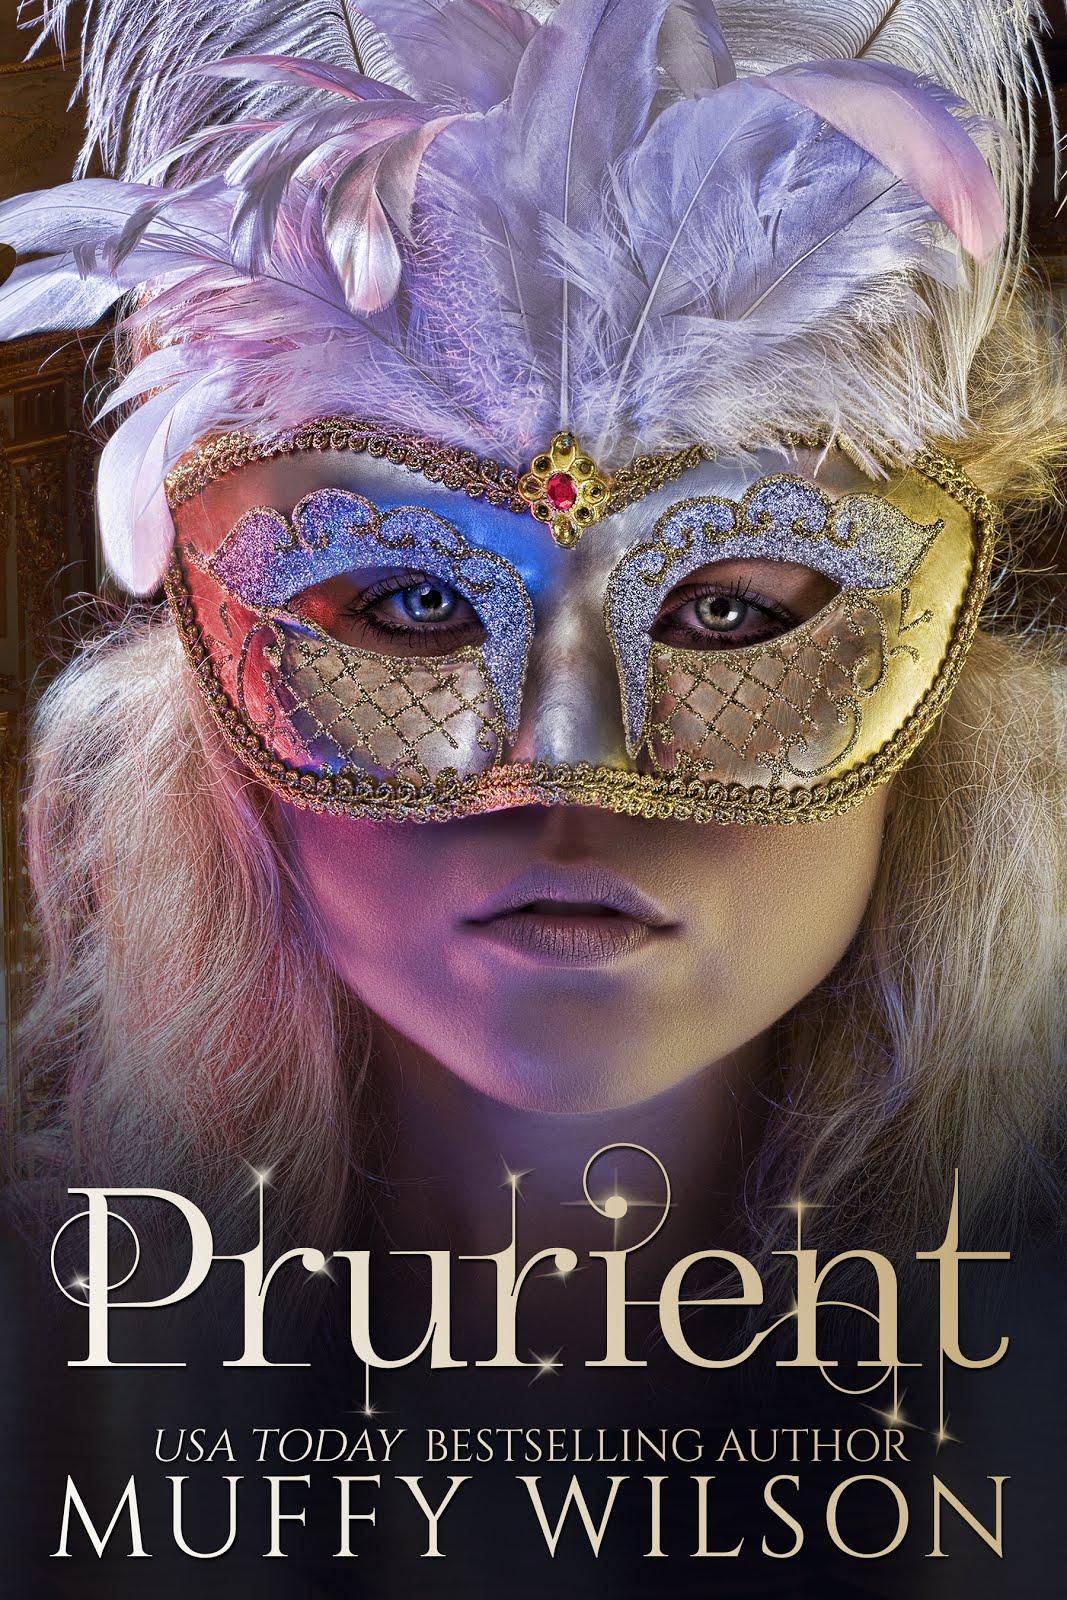 Prurient